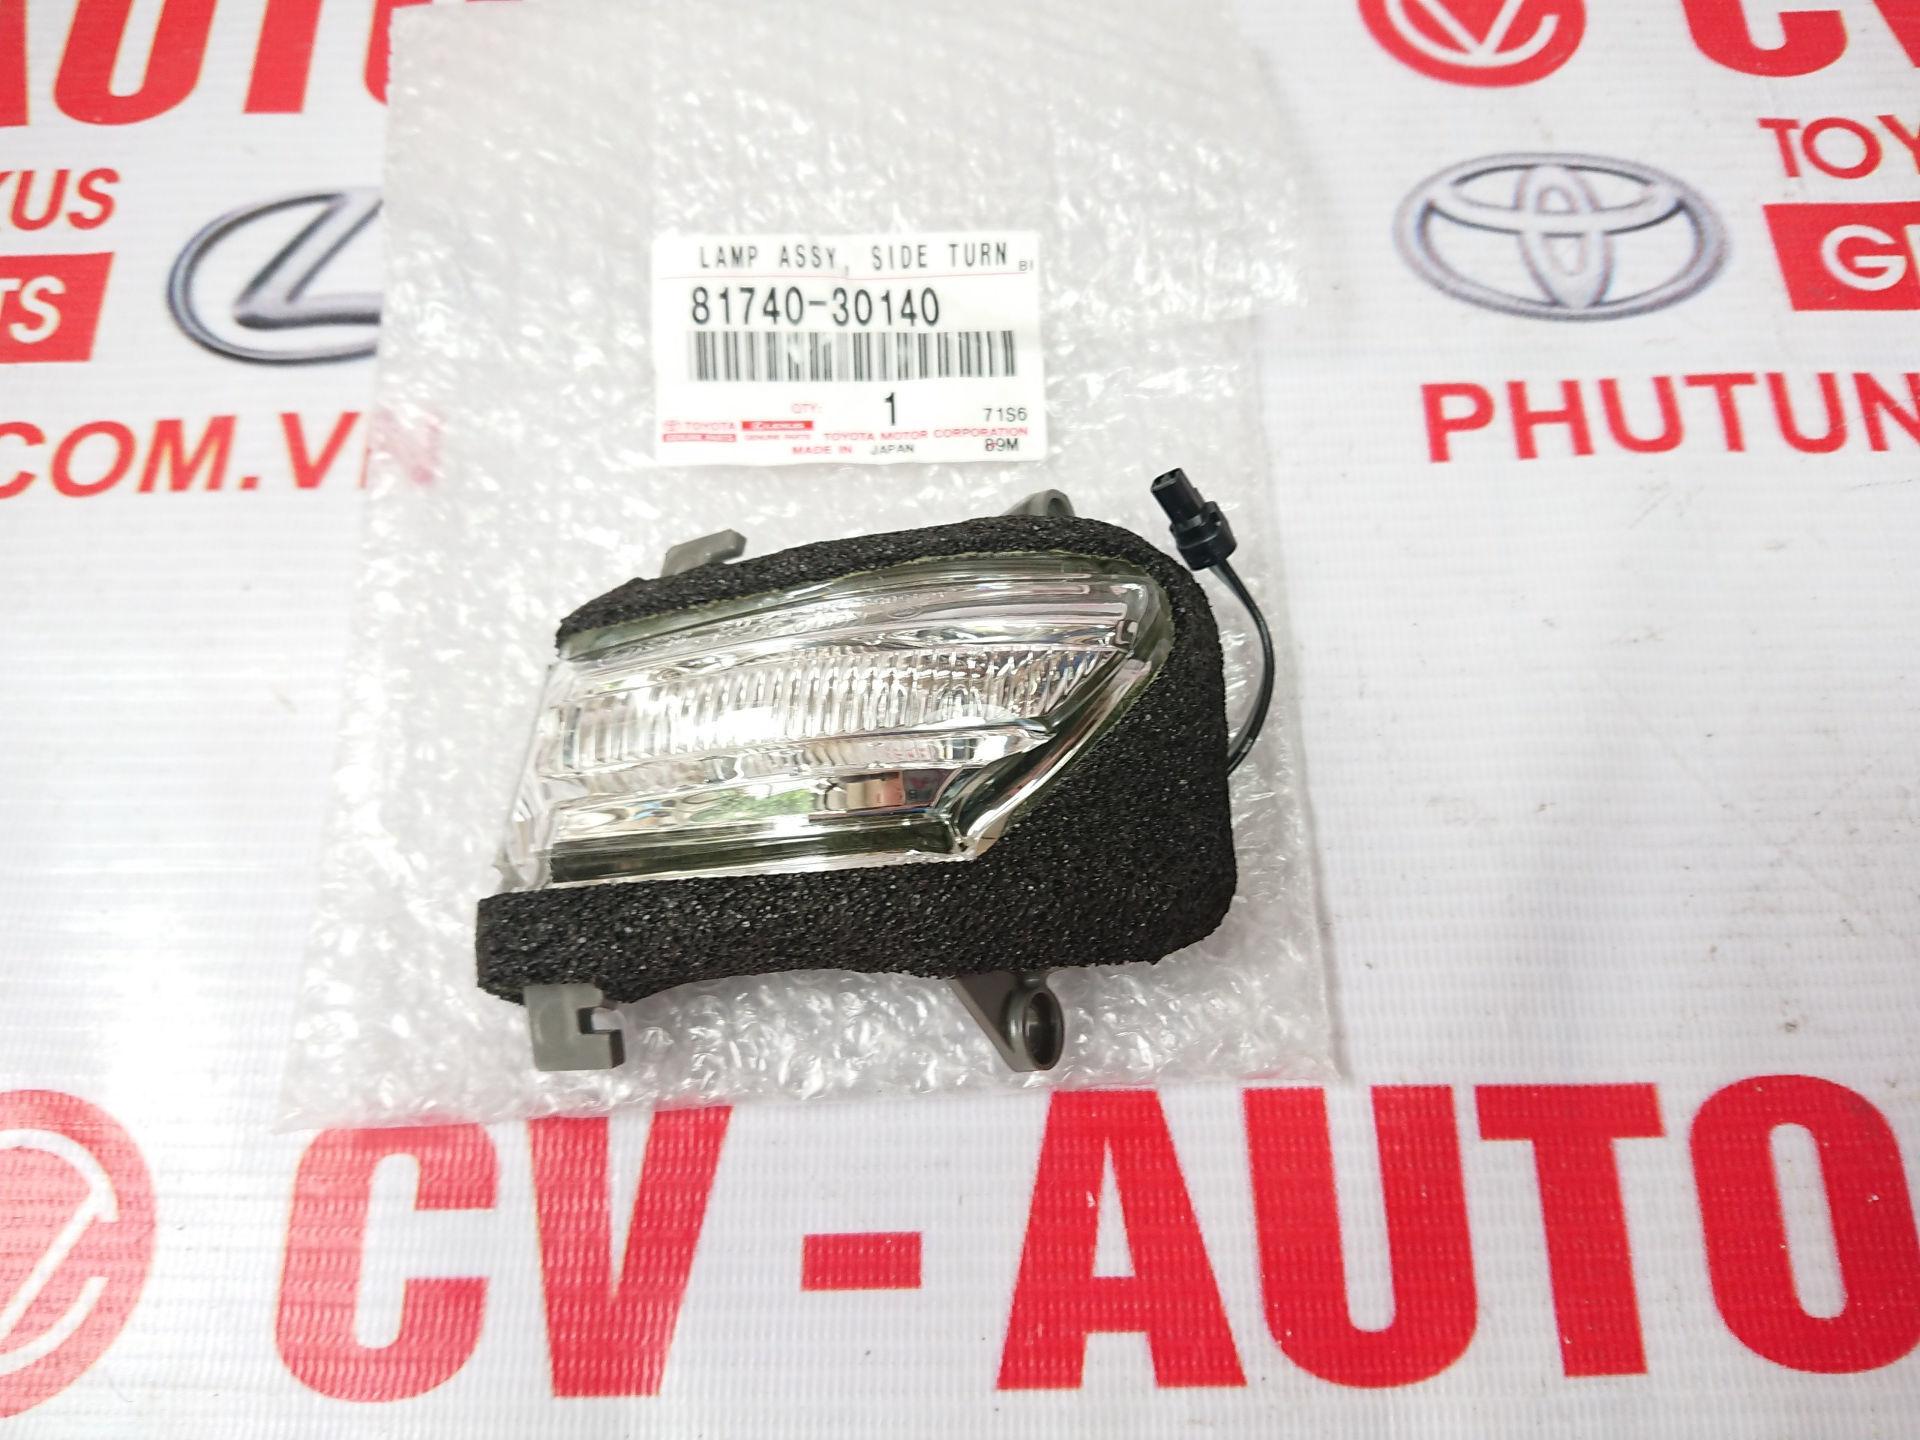 Picture of 81740-30140 Xi nhan gương trái Lexus GS350 hàng chính hãng